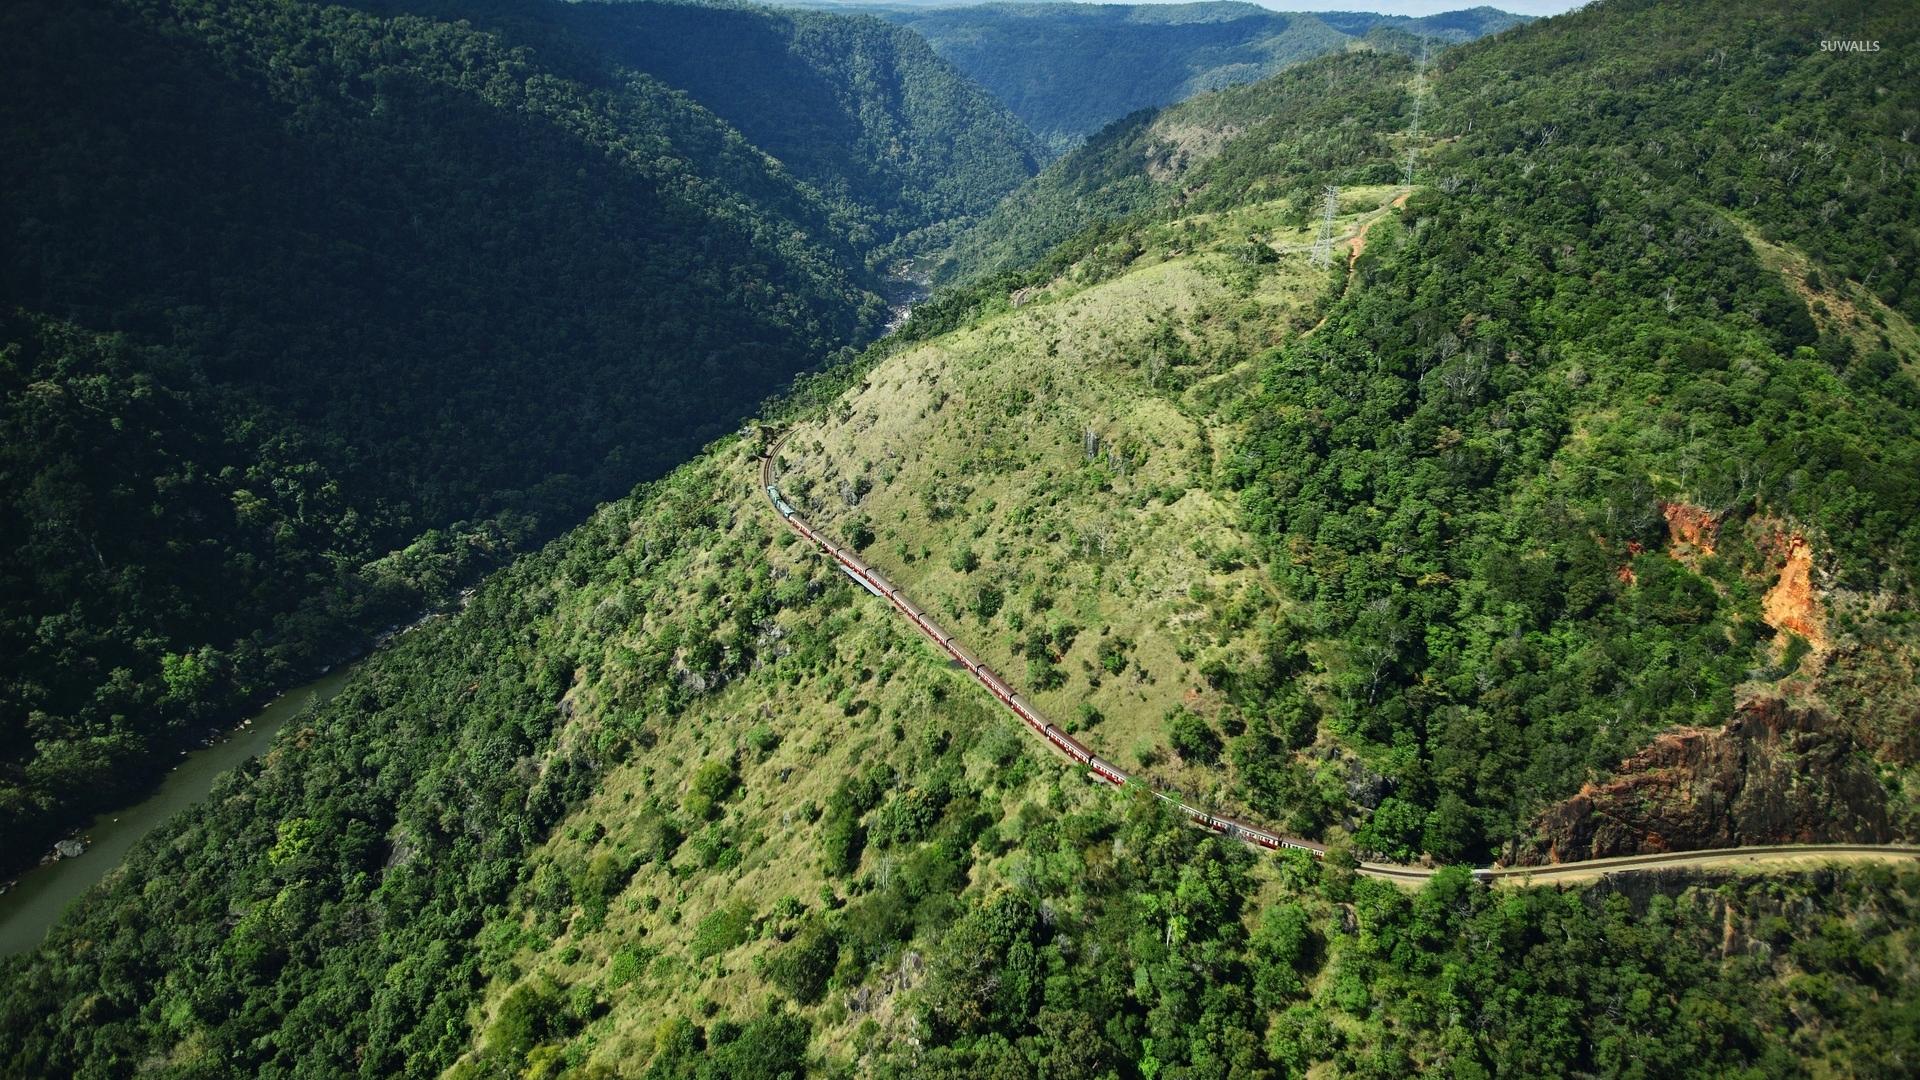 australia nature 1920x1440 hd - photo #16